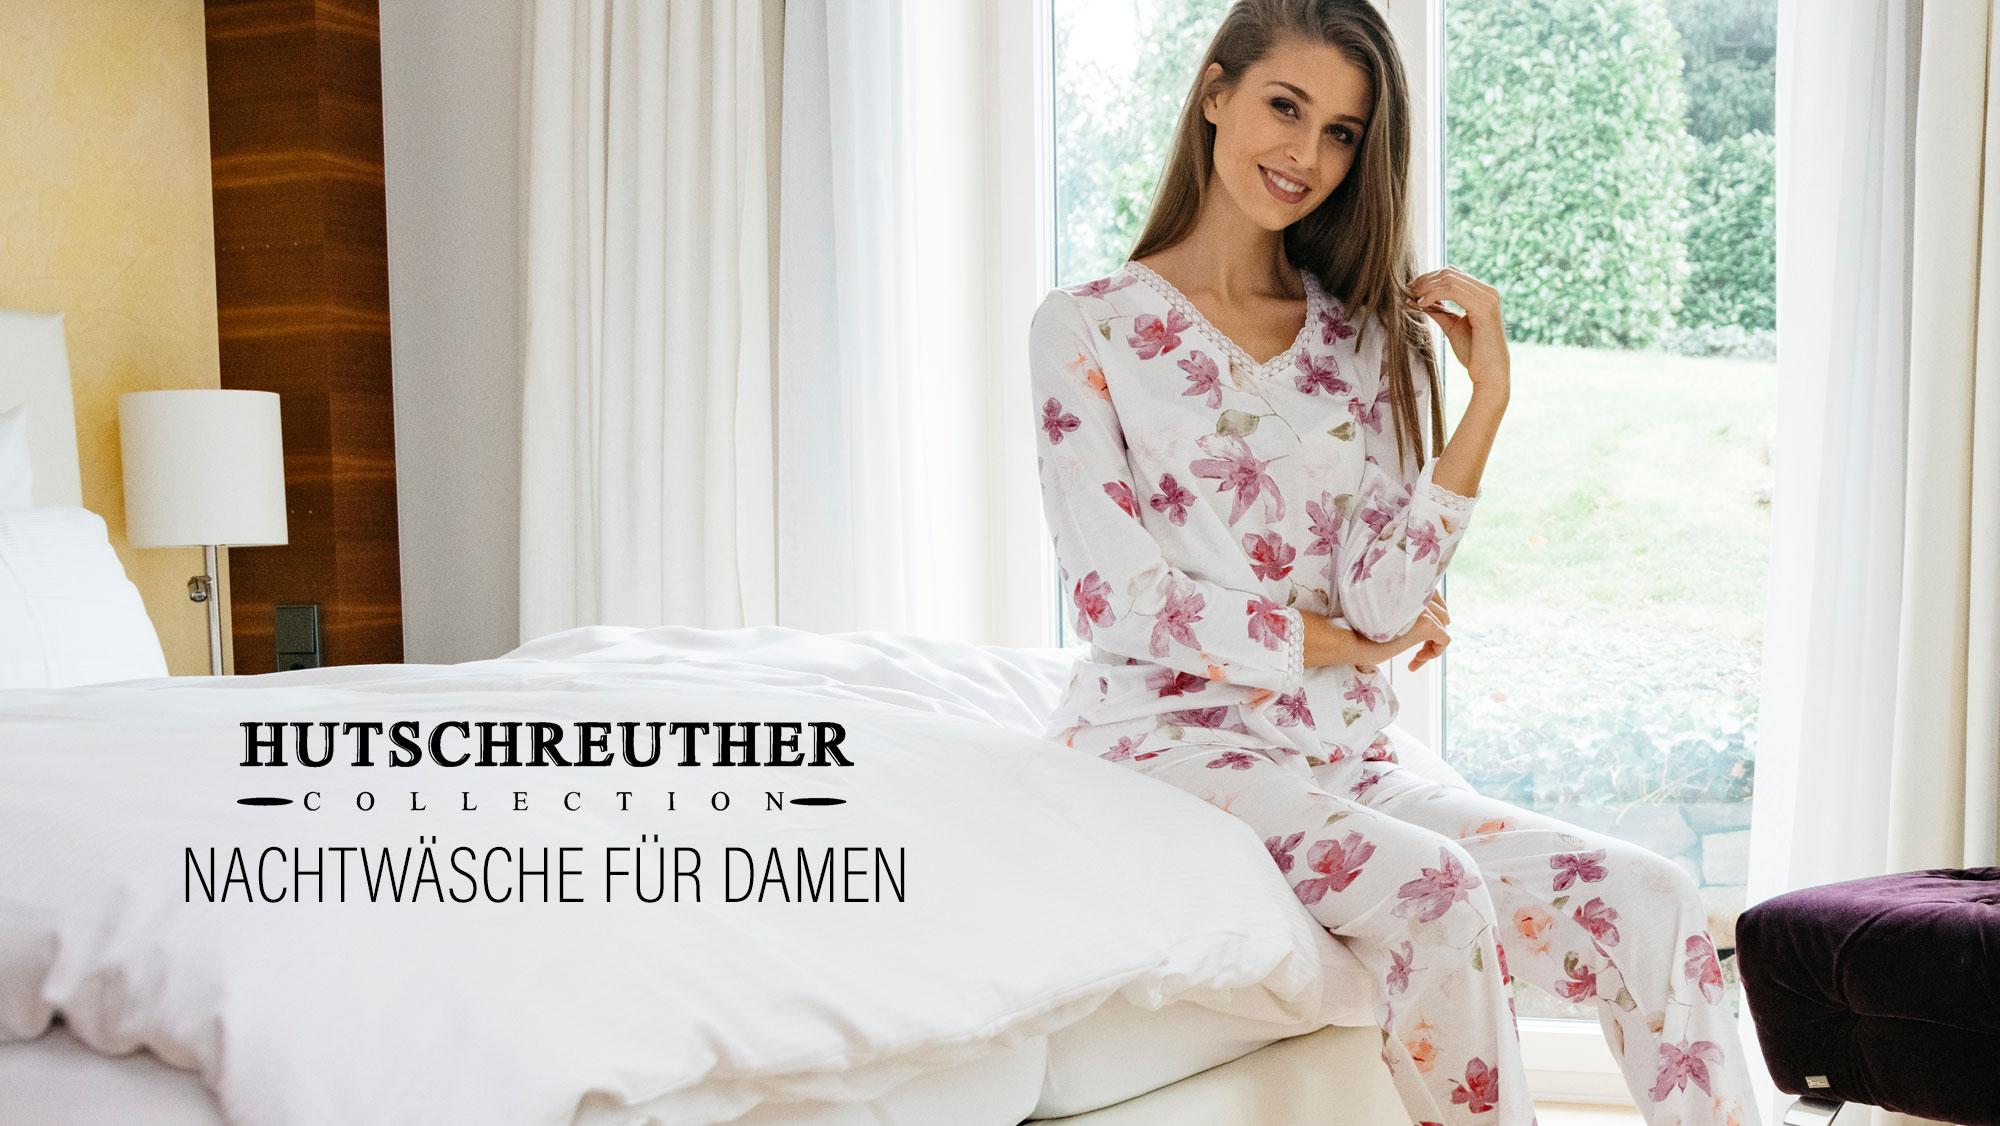 Hutschreuther